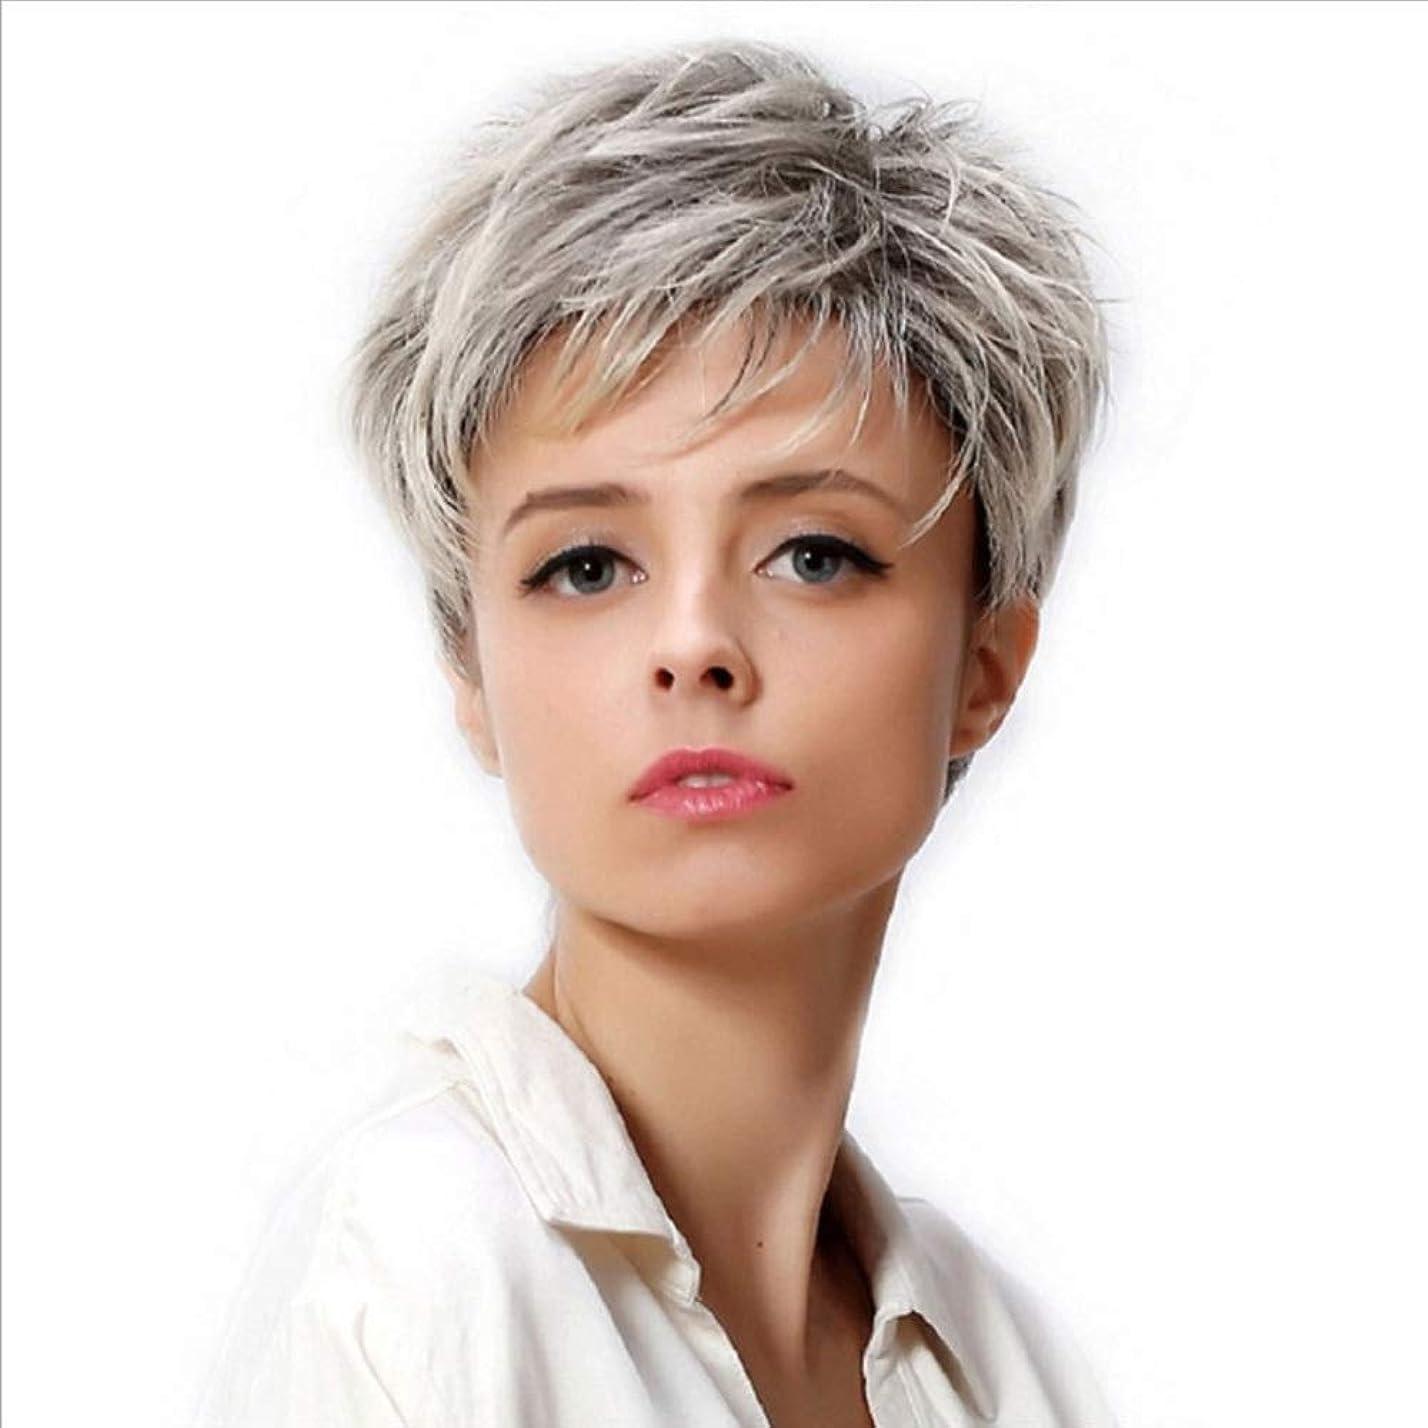 周術期聖歌お客様WASAIO 女性の短い銀のかつらグレー合成繊維ふわふわ髪のかつら (色 : グレー)